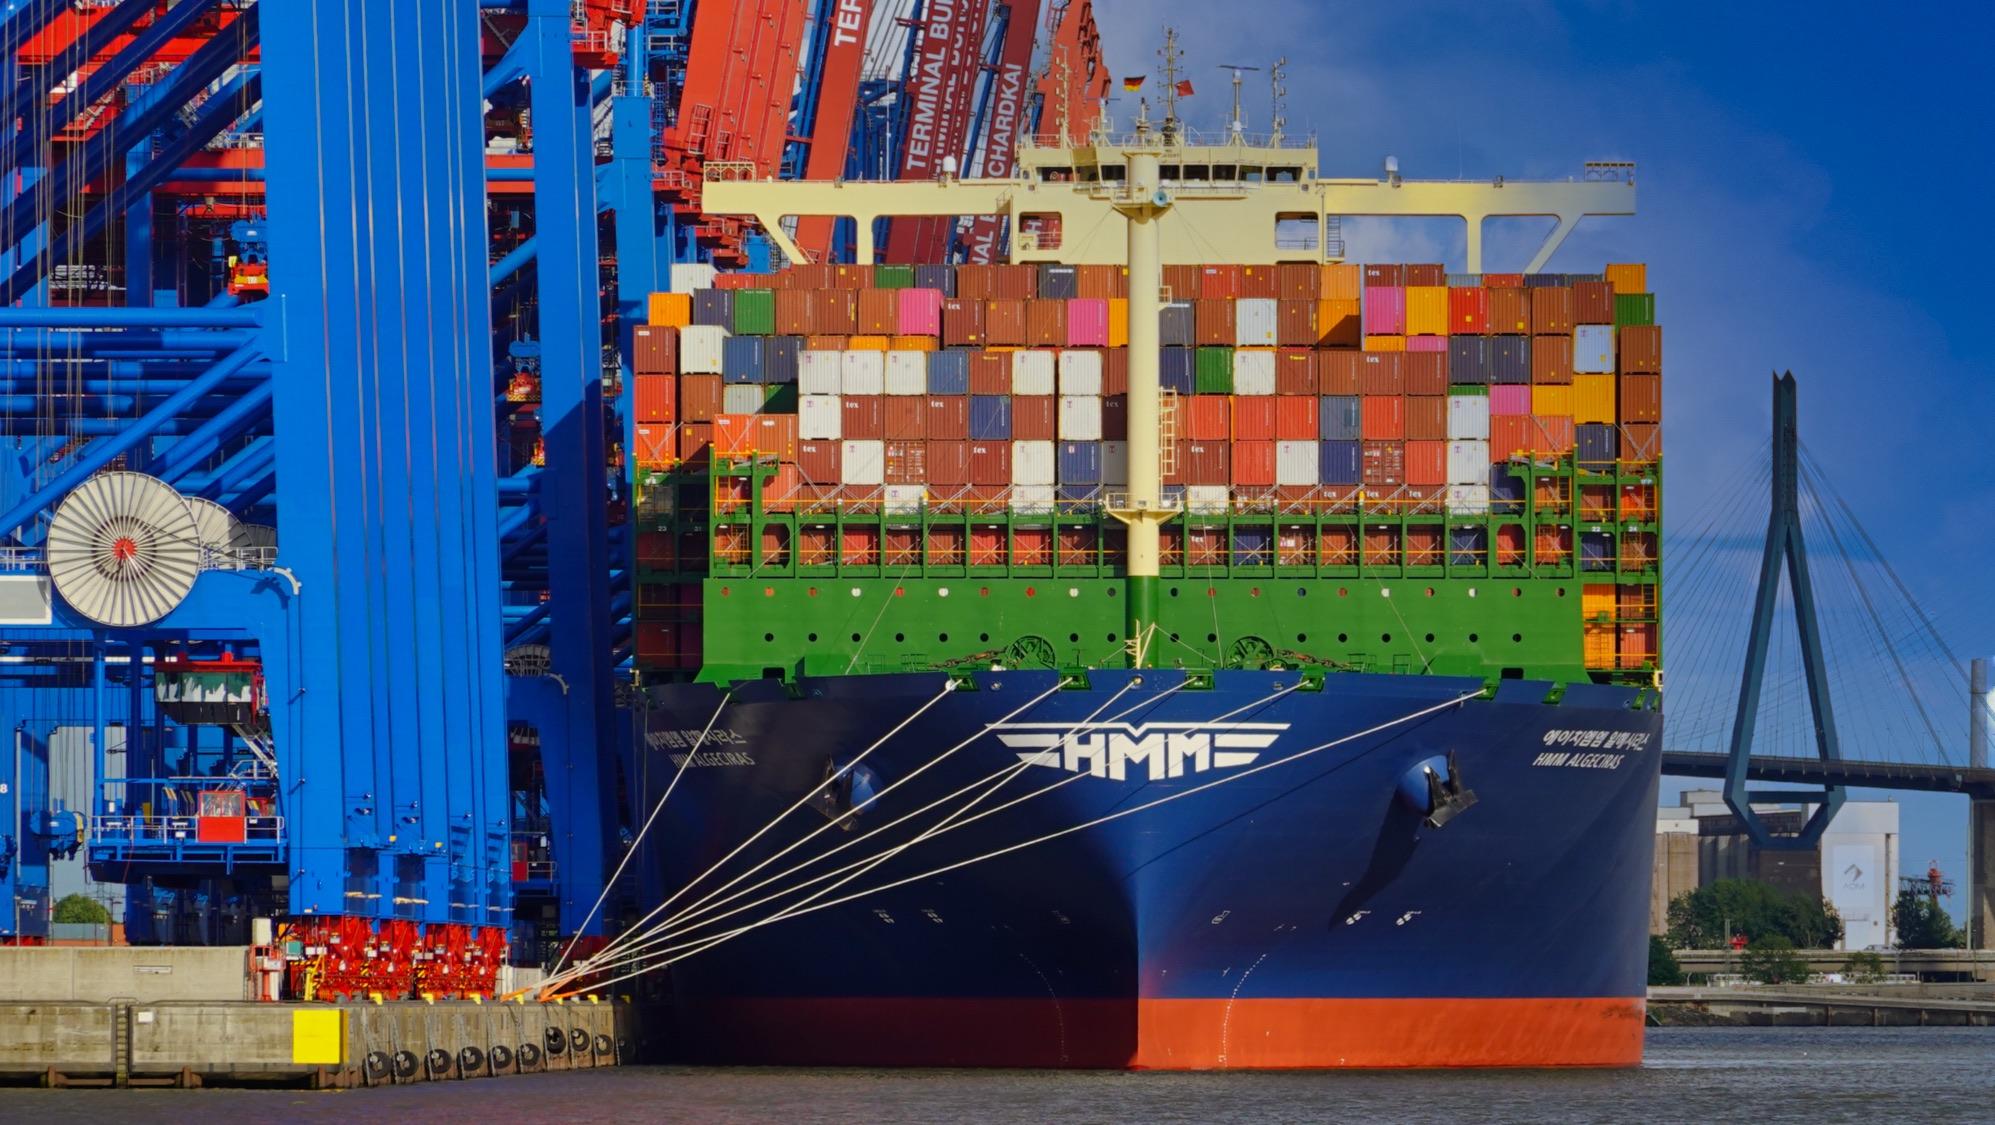 Hamburger Hafen Größe